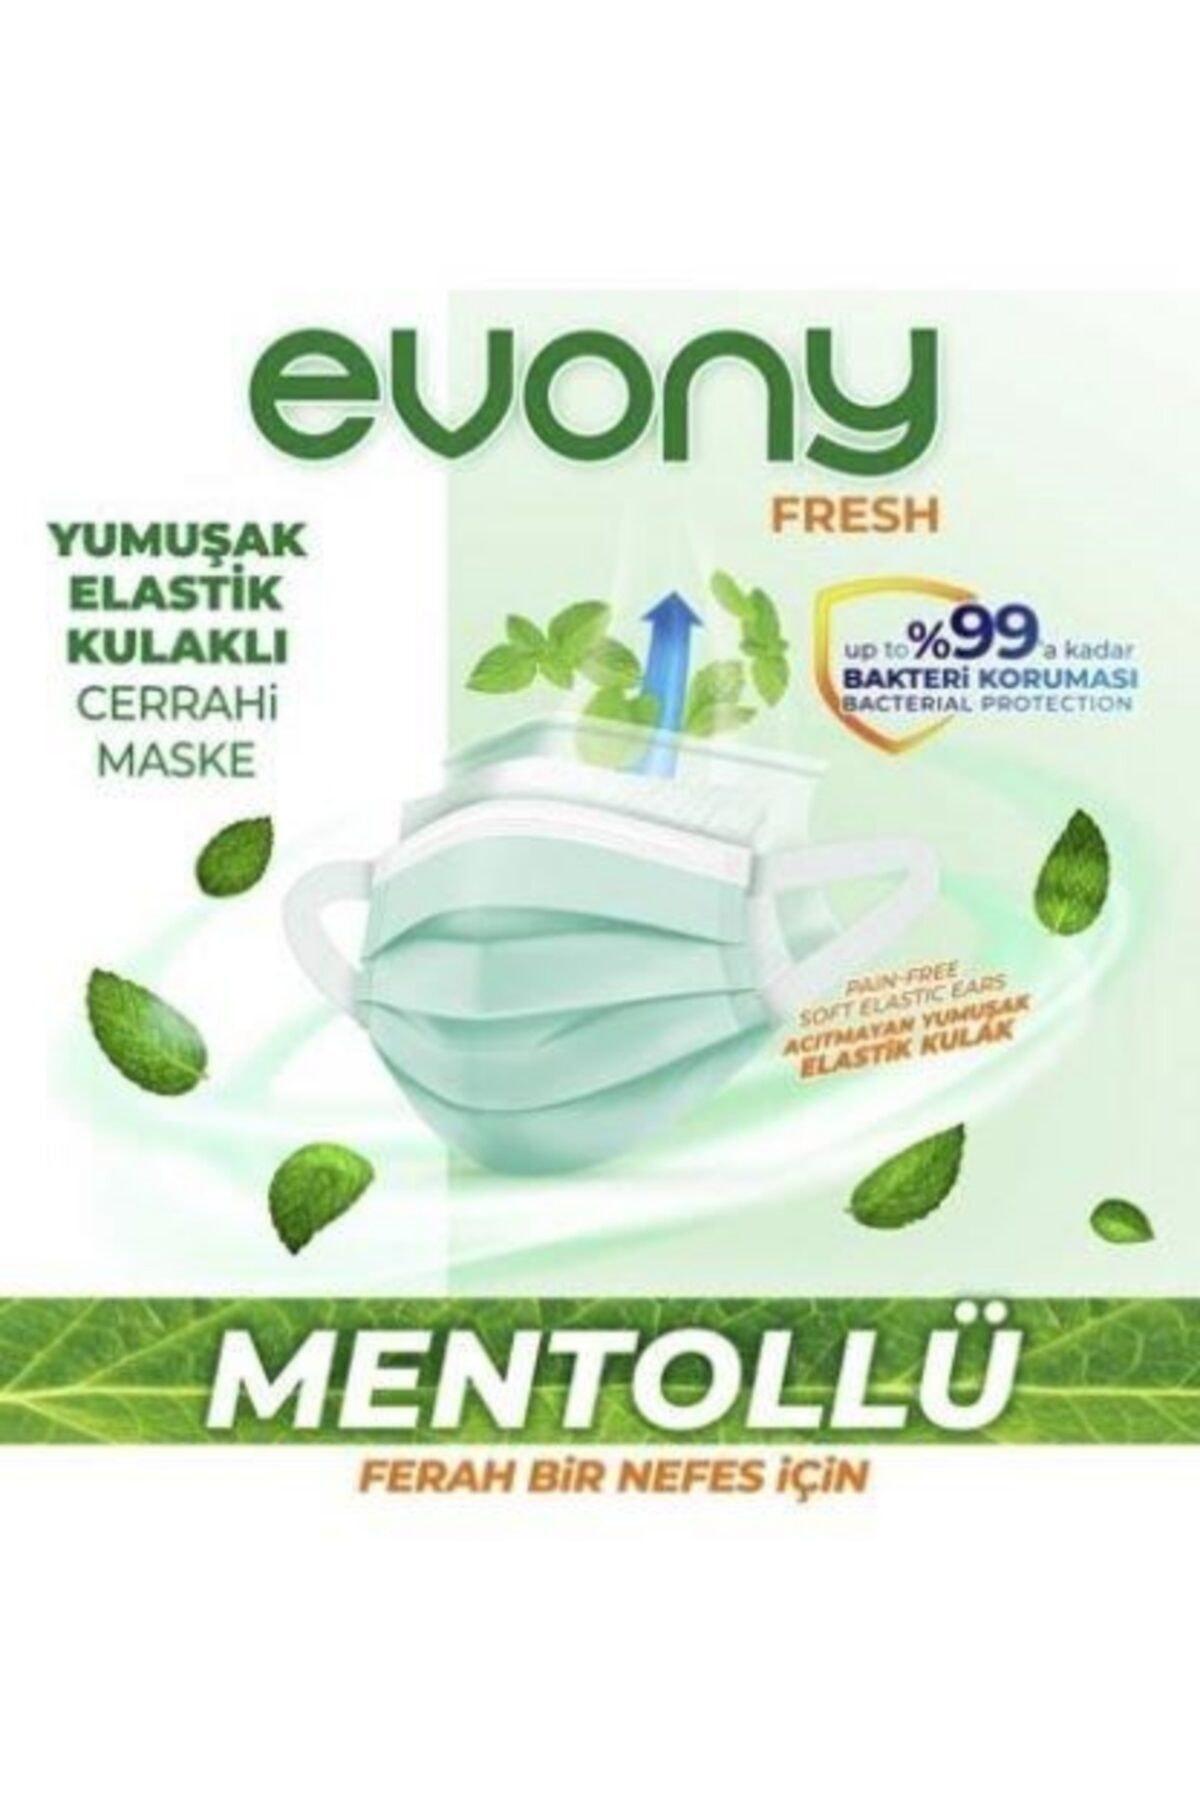 Evony Elastik Kulaklı Fresh Mentollü Maske 50 Adet (10 X 5 Paket) 2